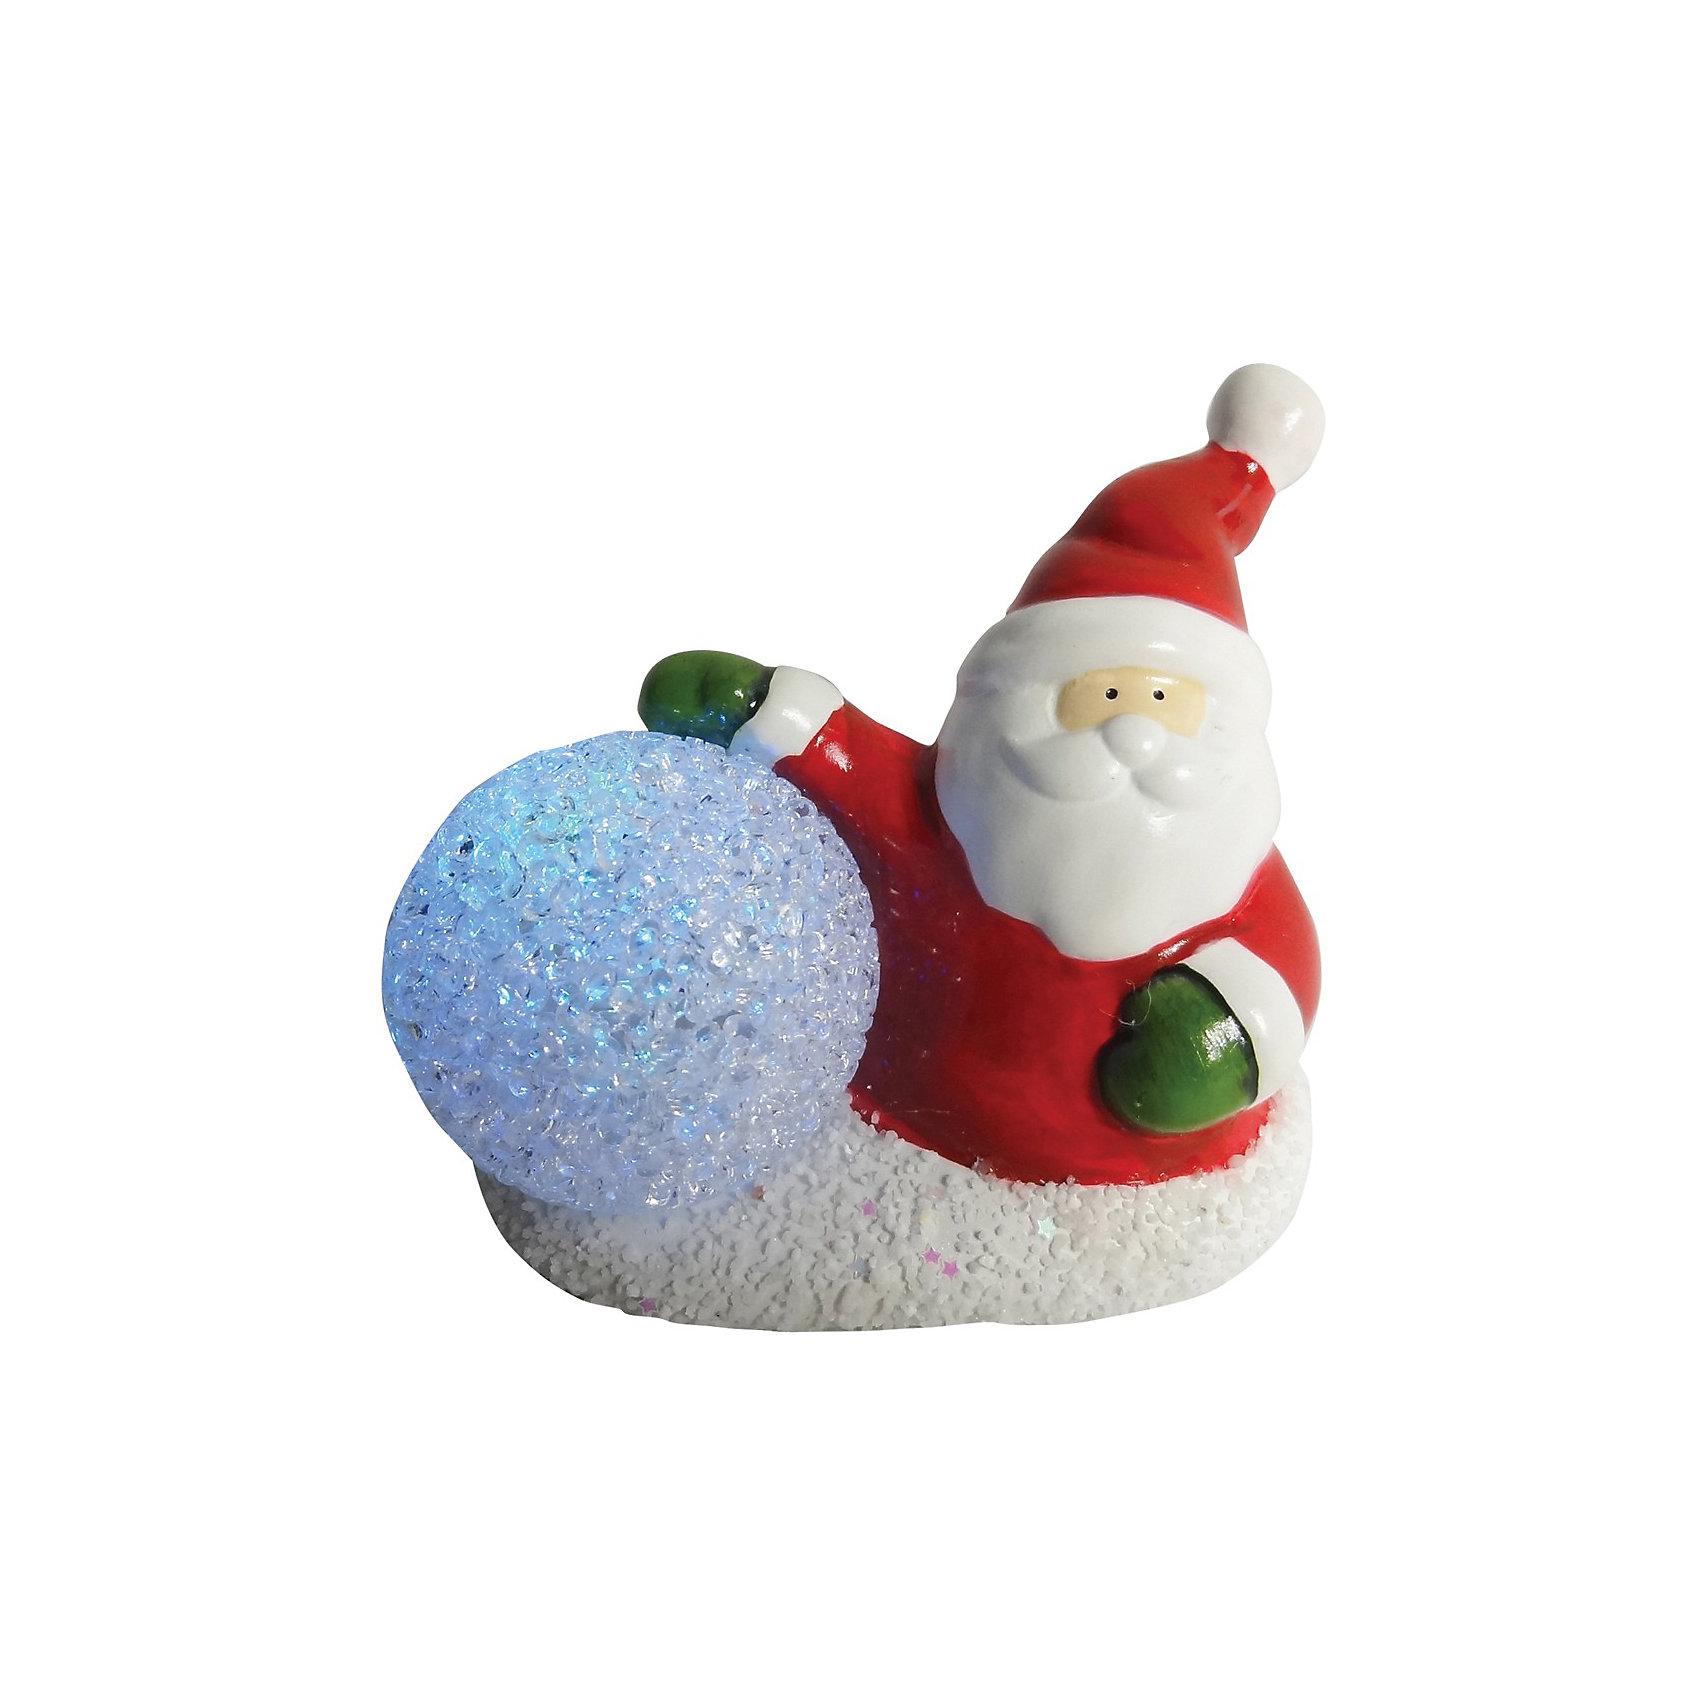 Сувенир керамический Дед Мороз с LED подсветкойСувенир керамический Дед Мороз, Волшебная страна станет замечательным украшением Вашего новогоднего интерьера и приятным подарком для родных и друзей. Сувенир<br>выполнен в виде фигурки Деда Мороза со снежным шаром. Поставленный под елку Дед Мороз с LED подсветкой порадует и взрослых и детей и поможет создать волшебную<br>атмосферу новогодних праздников.<br><br>Дополнительная информация:<br><br>- Материал: керамика.<br>- Размер: 11,5 x 6,8 x 9,5 см.<br>- Вес: 250 гр. <br><br>Сувенир керамический Дед Мороз, Волшебная страна можно купить в нашем интернет-магазине.<br><br>Ширина мм: 510<br>Глубина мм: 70<br>Высота мм: 100<br>Вес г: 250<br>Возраст от месяцев: 60<br>Возраст до месяцев: 180<br>Пол: Унисекс<br>Возраст: Детский<br>SKU: 3791437